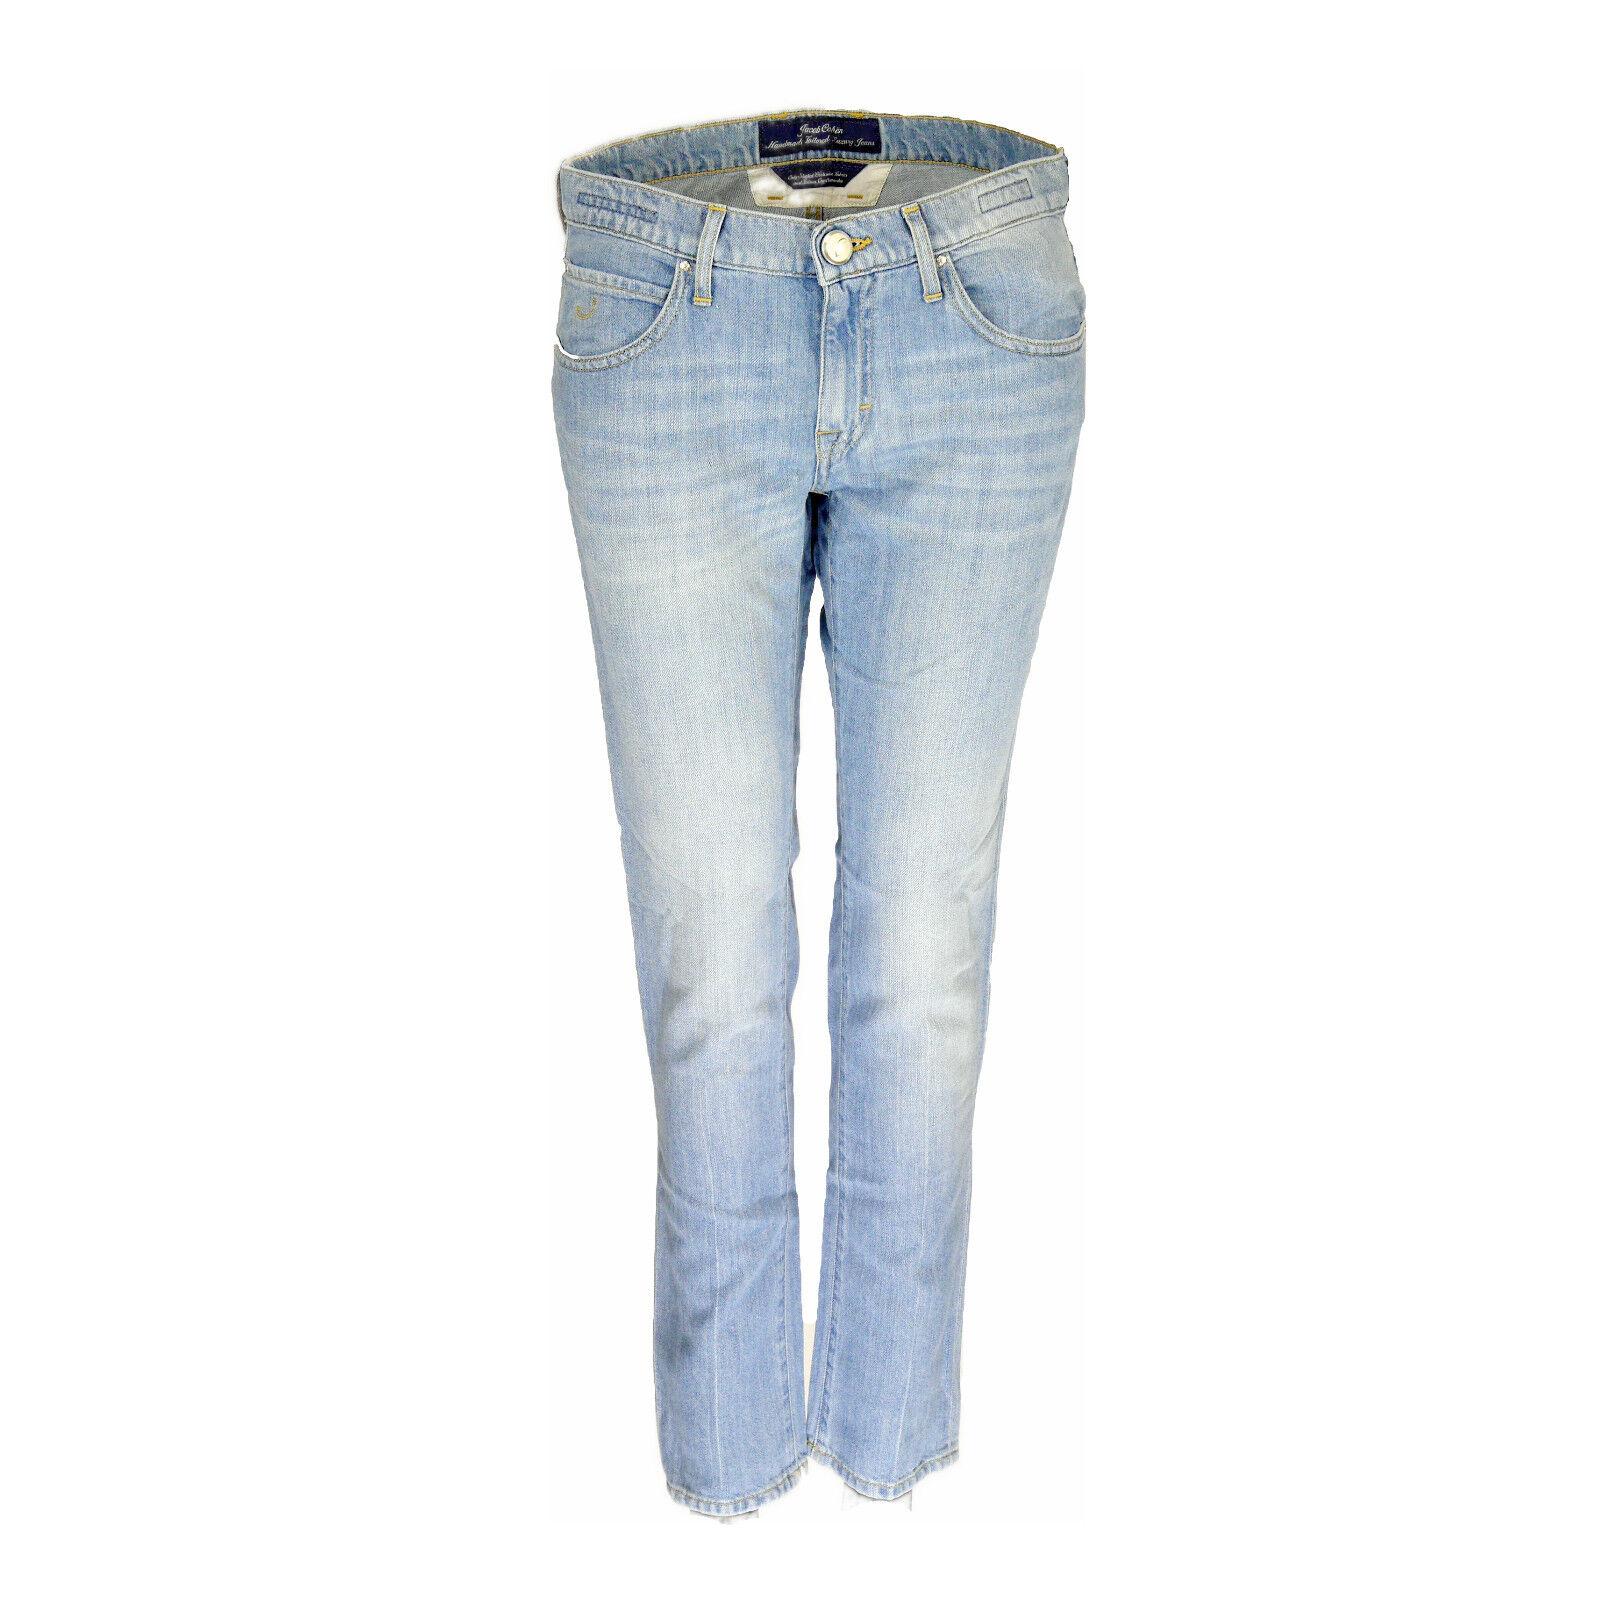 Jacob Cohen Jeans Damen Modell  Karen  (ehem. )